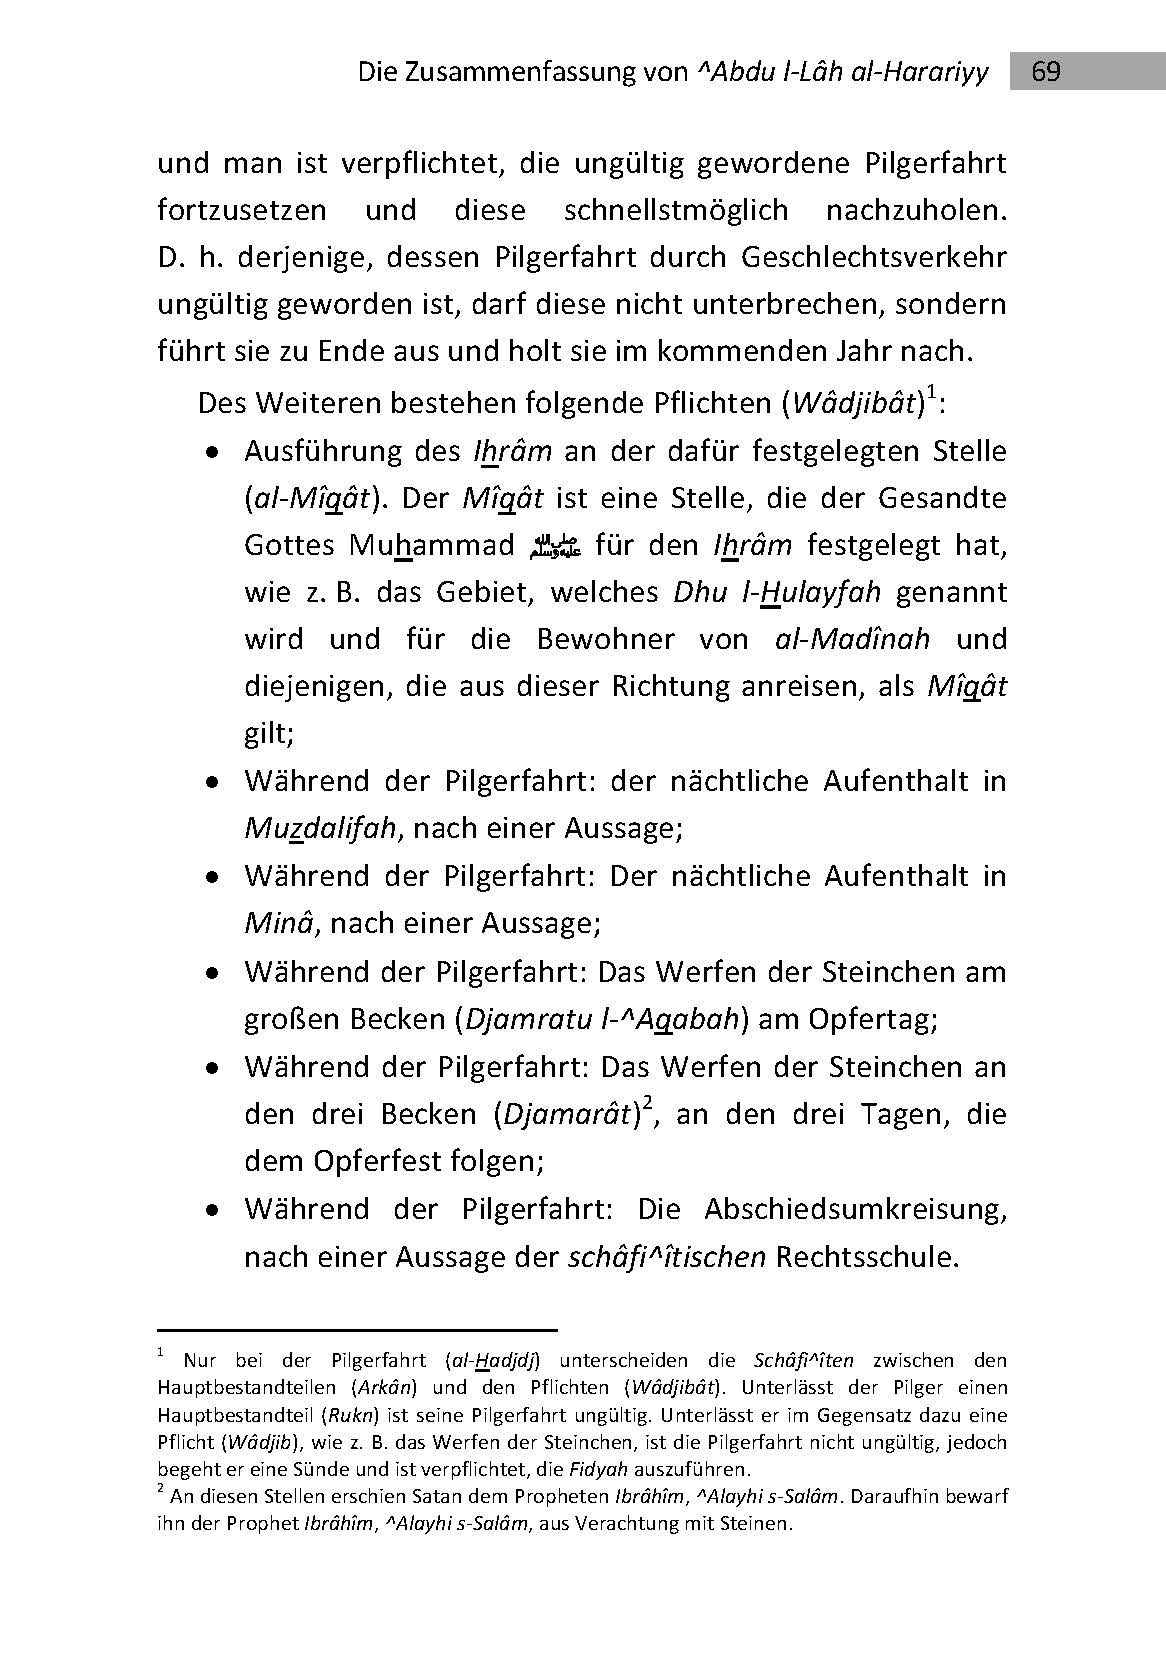 Die Zusammenfassung - 3. Auflage 2014_Seite_69